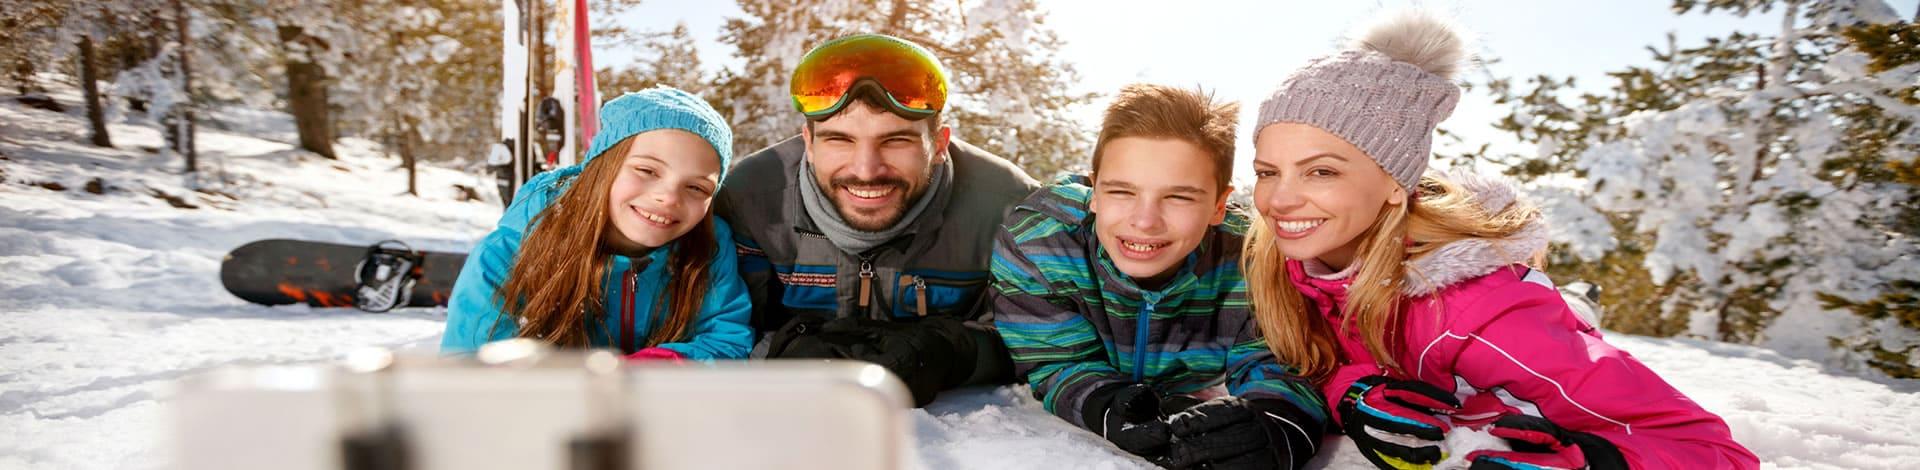 Packliste für Skiurlaub mit Familie